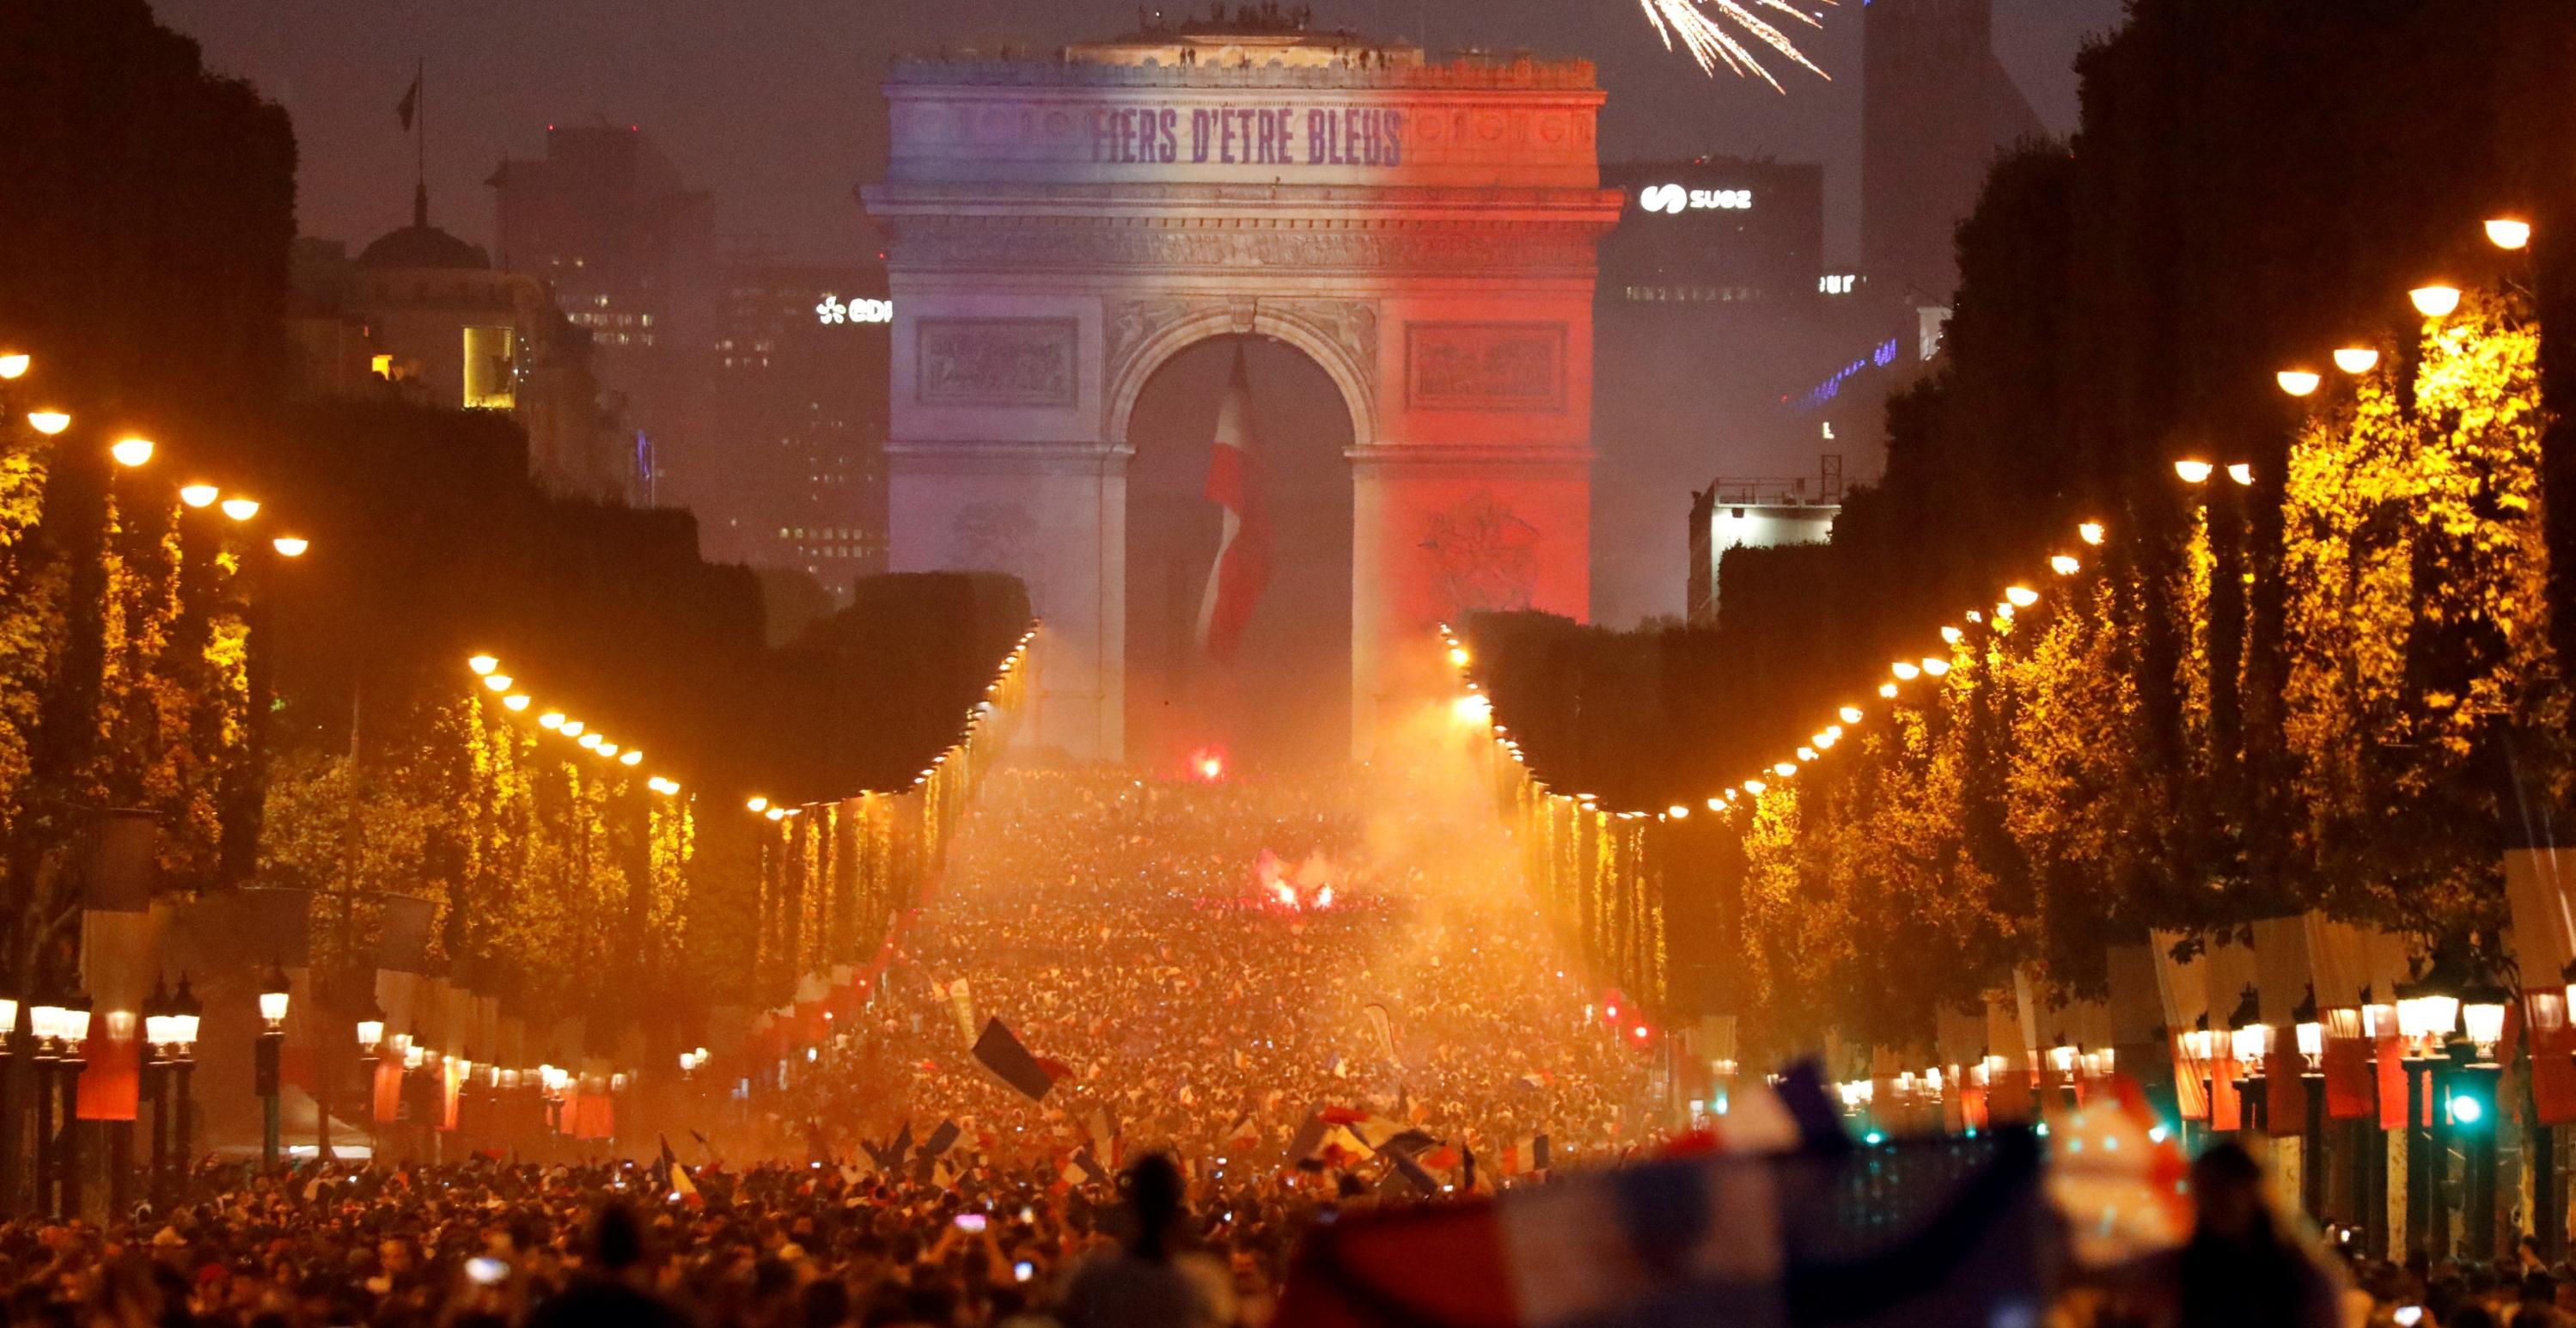 Fiesta trágica en Francia durante la celebración del Mundial: dos muertos, tres niños heridos y disturbios